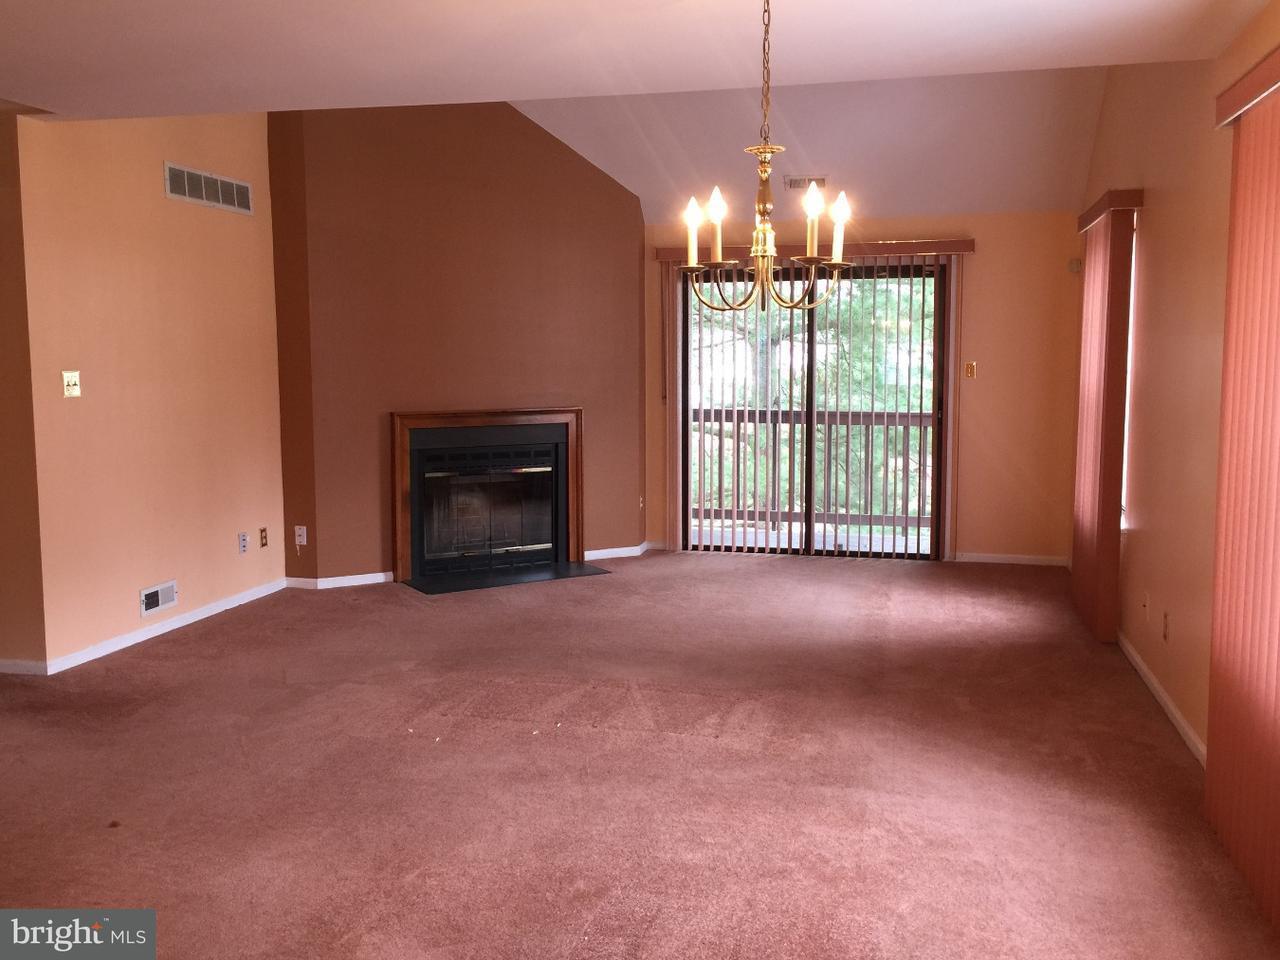 联栋屋 为 销售 在 16 N MAPLE ST #H4 Woodbury, 新泽西州 08096 美国